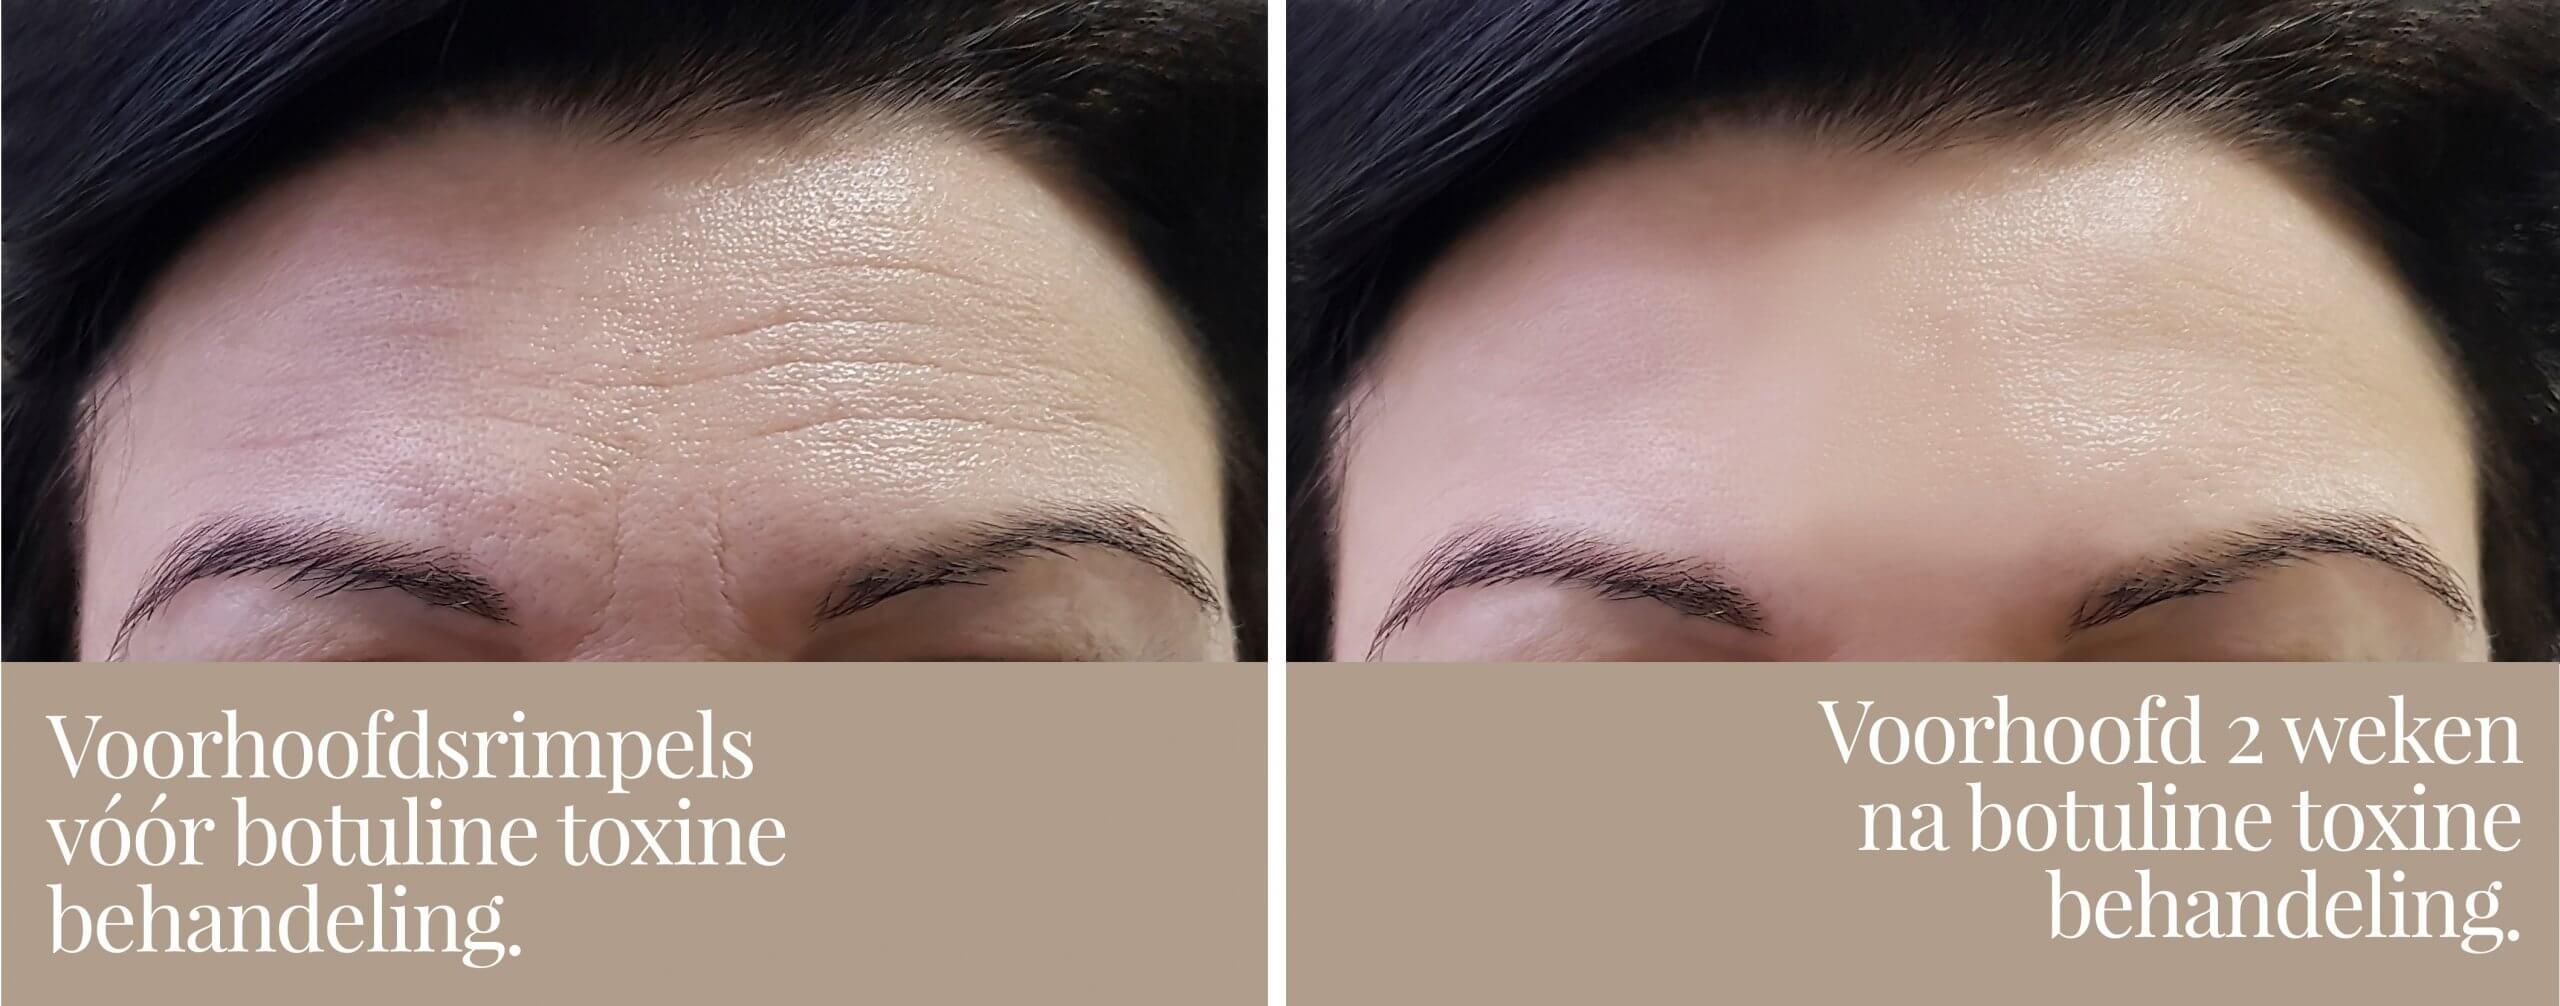 Voor en na botox